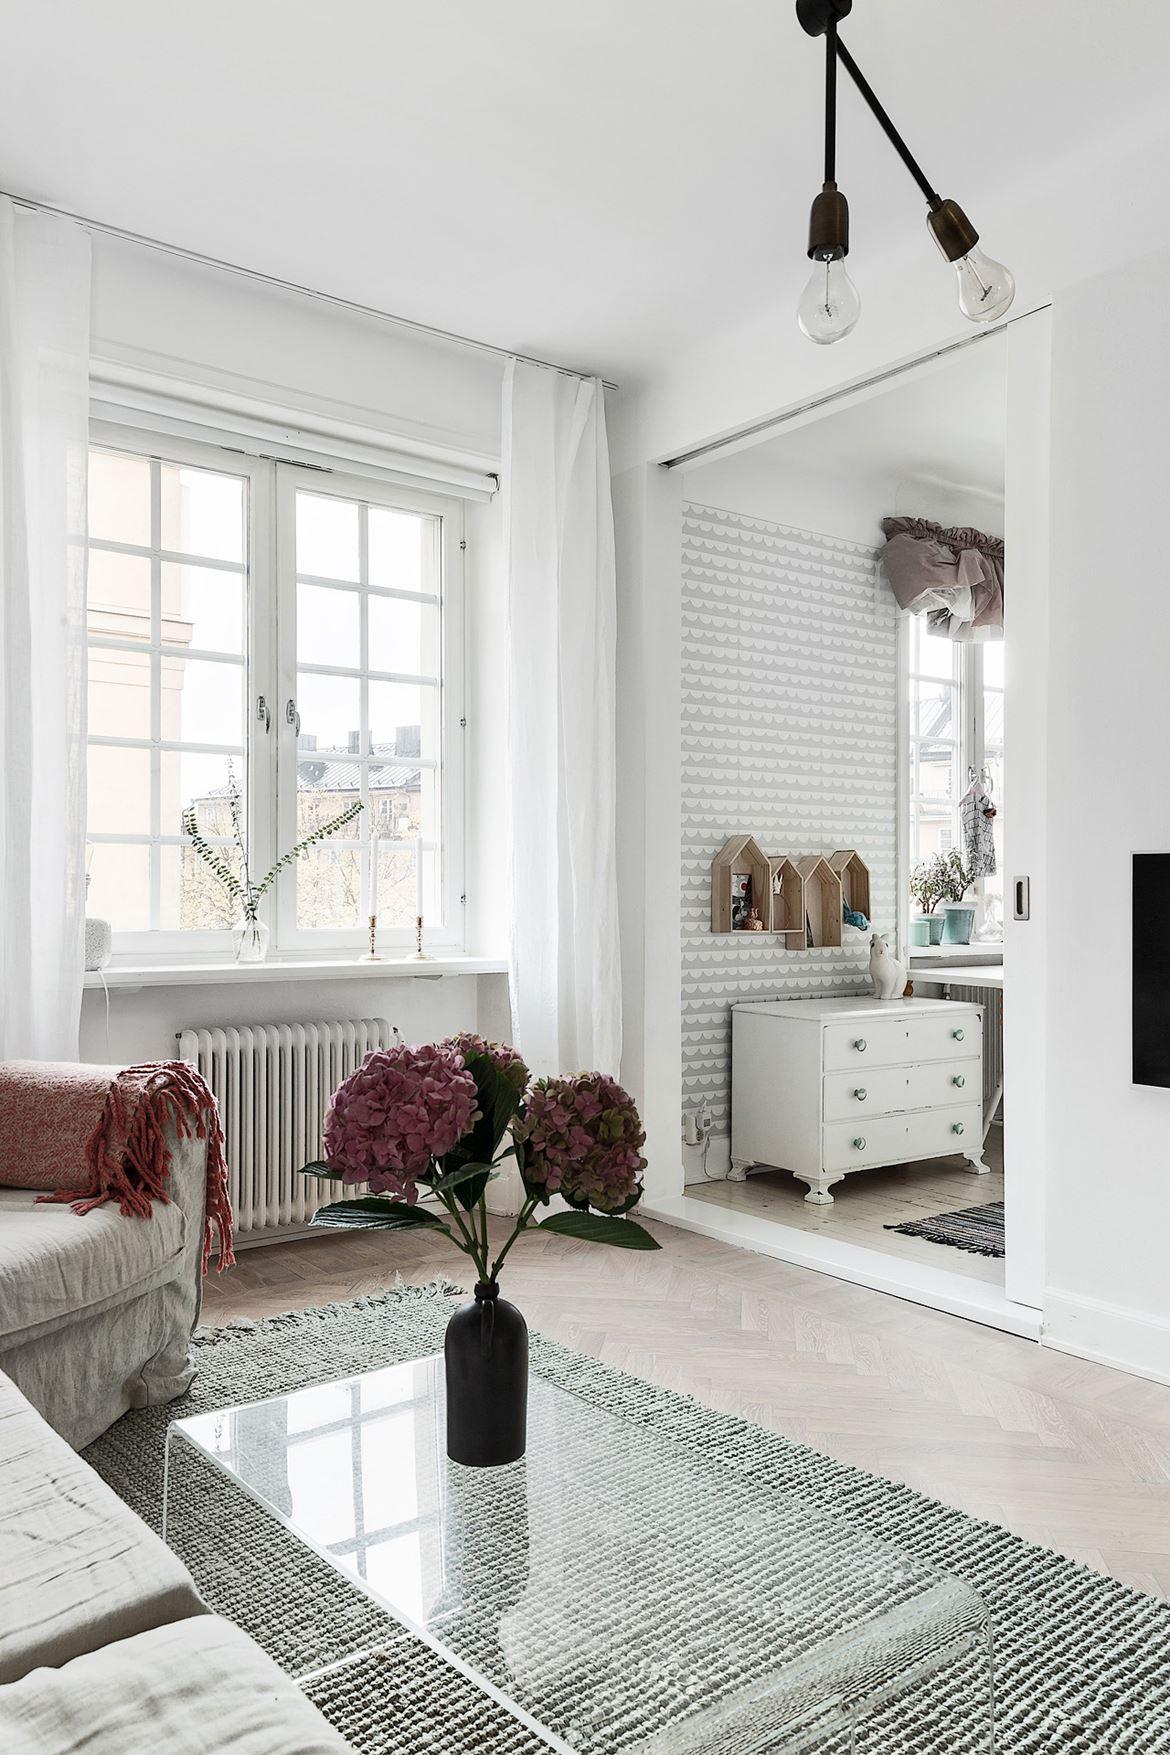 Si a colgar la tele en la pared blog tienda decoraci n estilo n rdico delikatissen - Adornos de pared ...